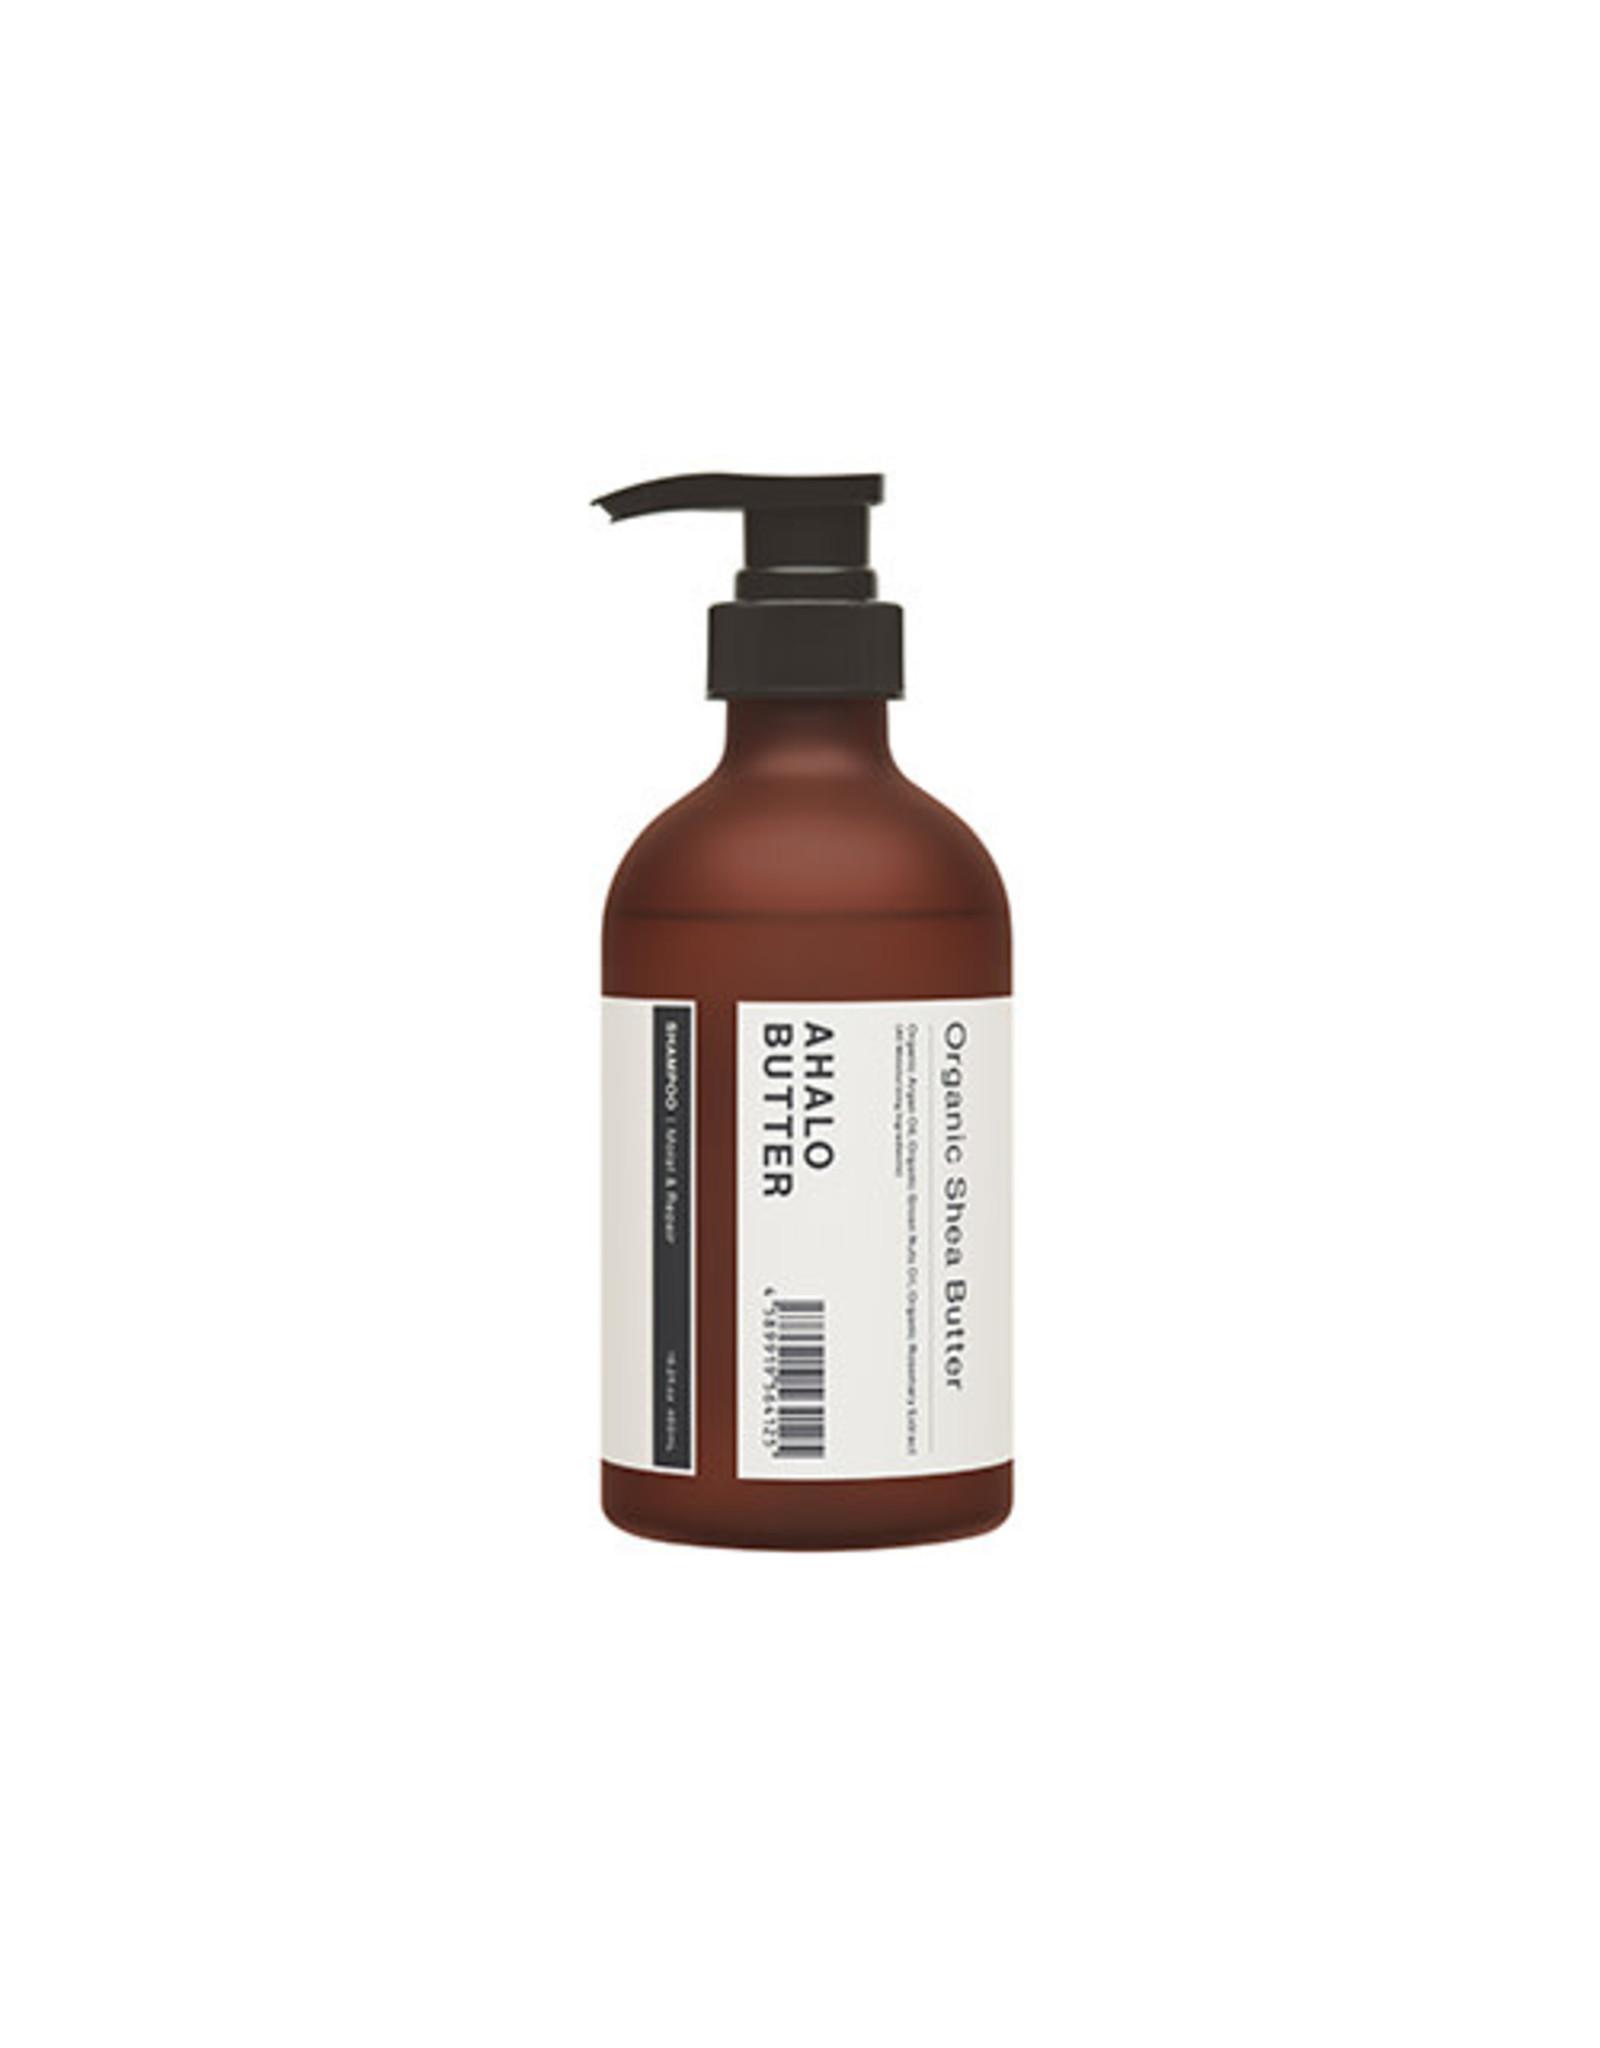 Ahalo Butter Organic Moist & Repair Shampoo 450ml